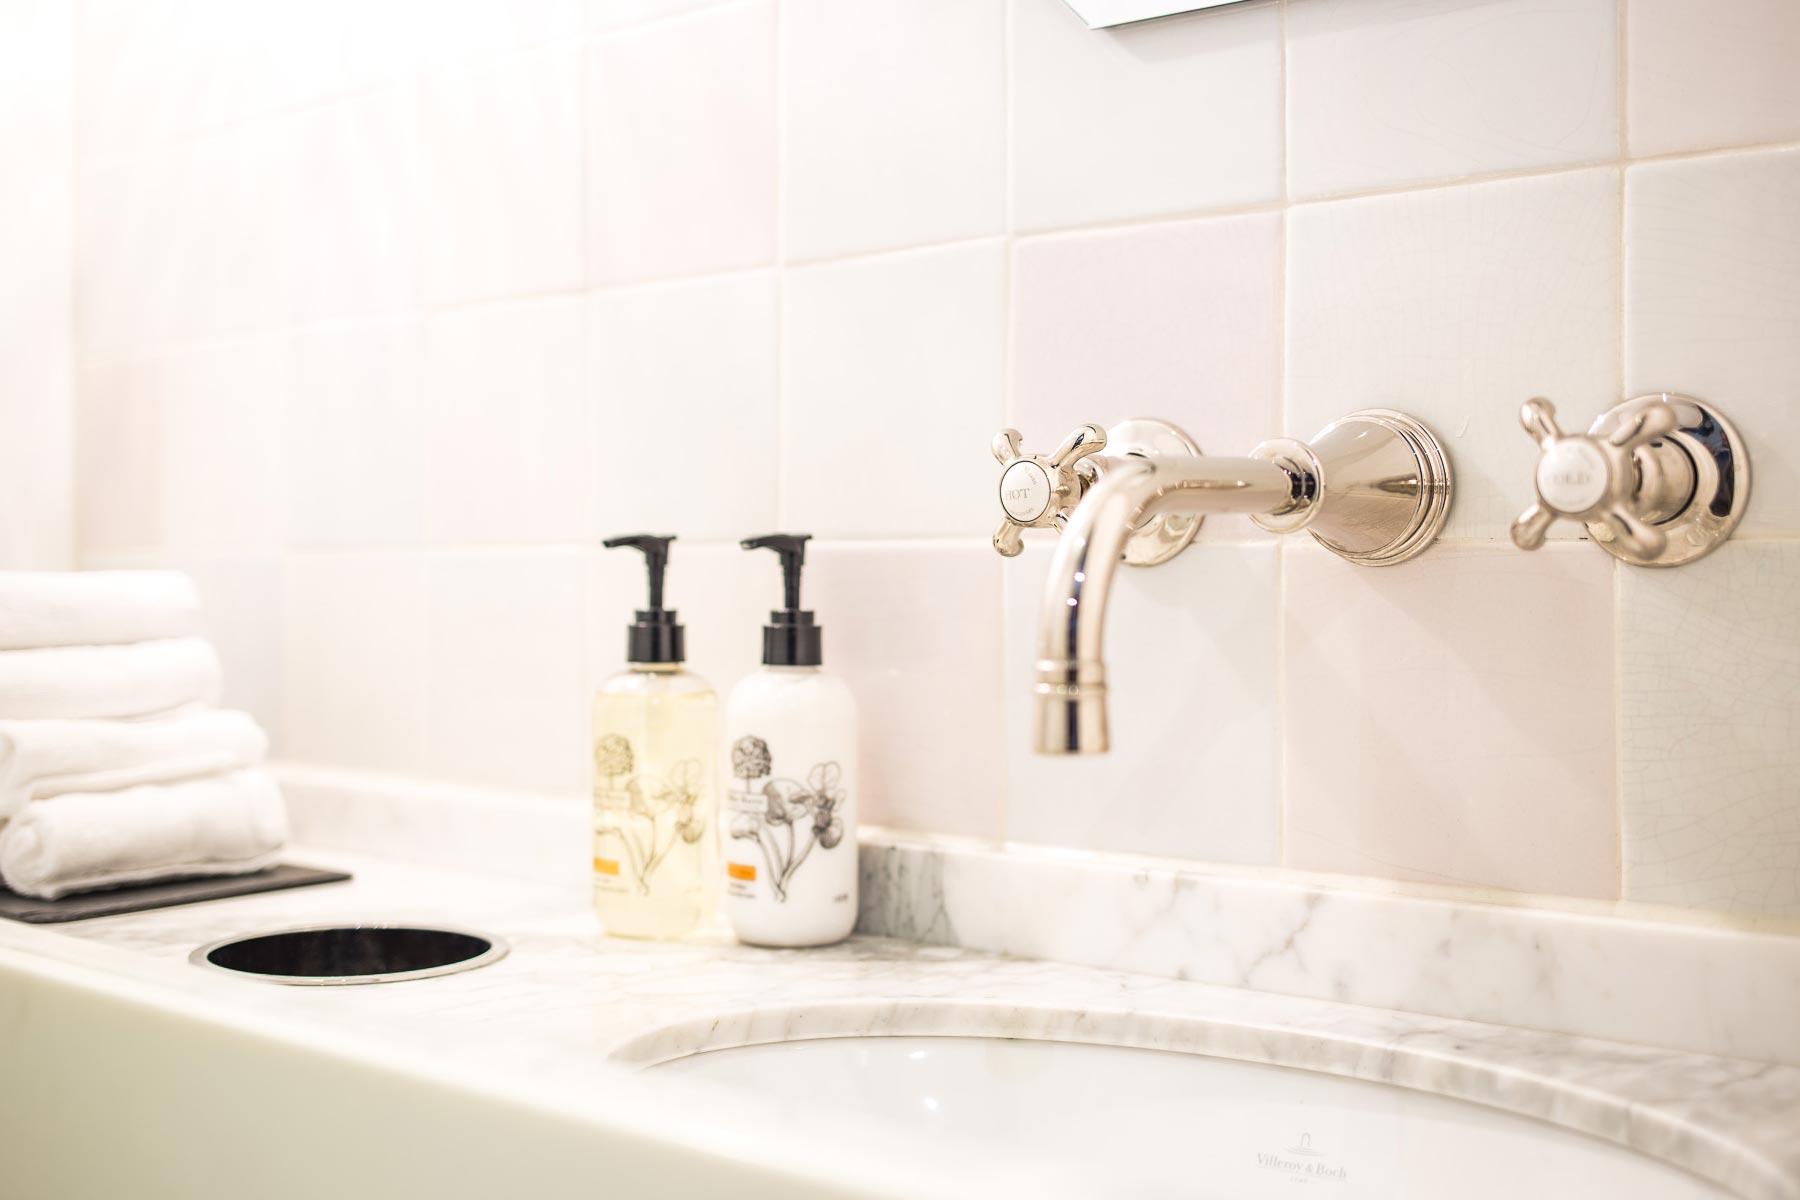 Badkamer Toonzaal Leuven : Landelijke badkamers keukens toiletten taps baths